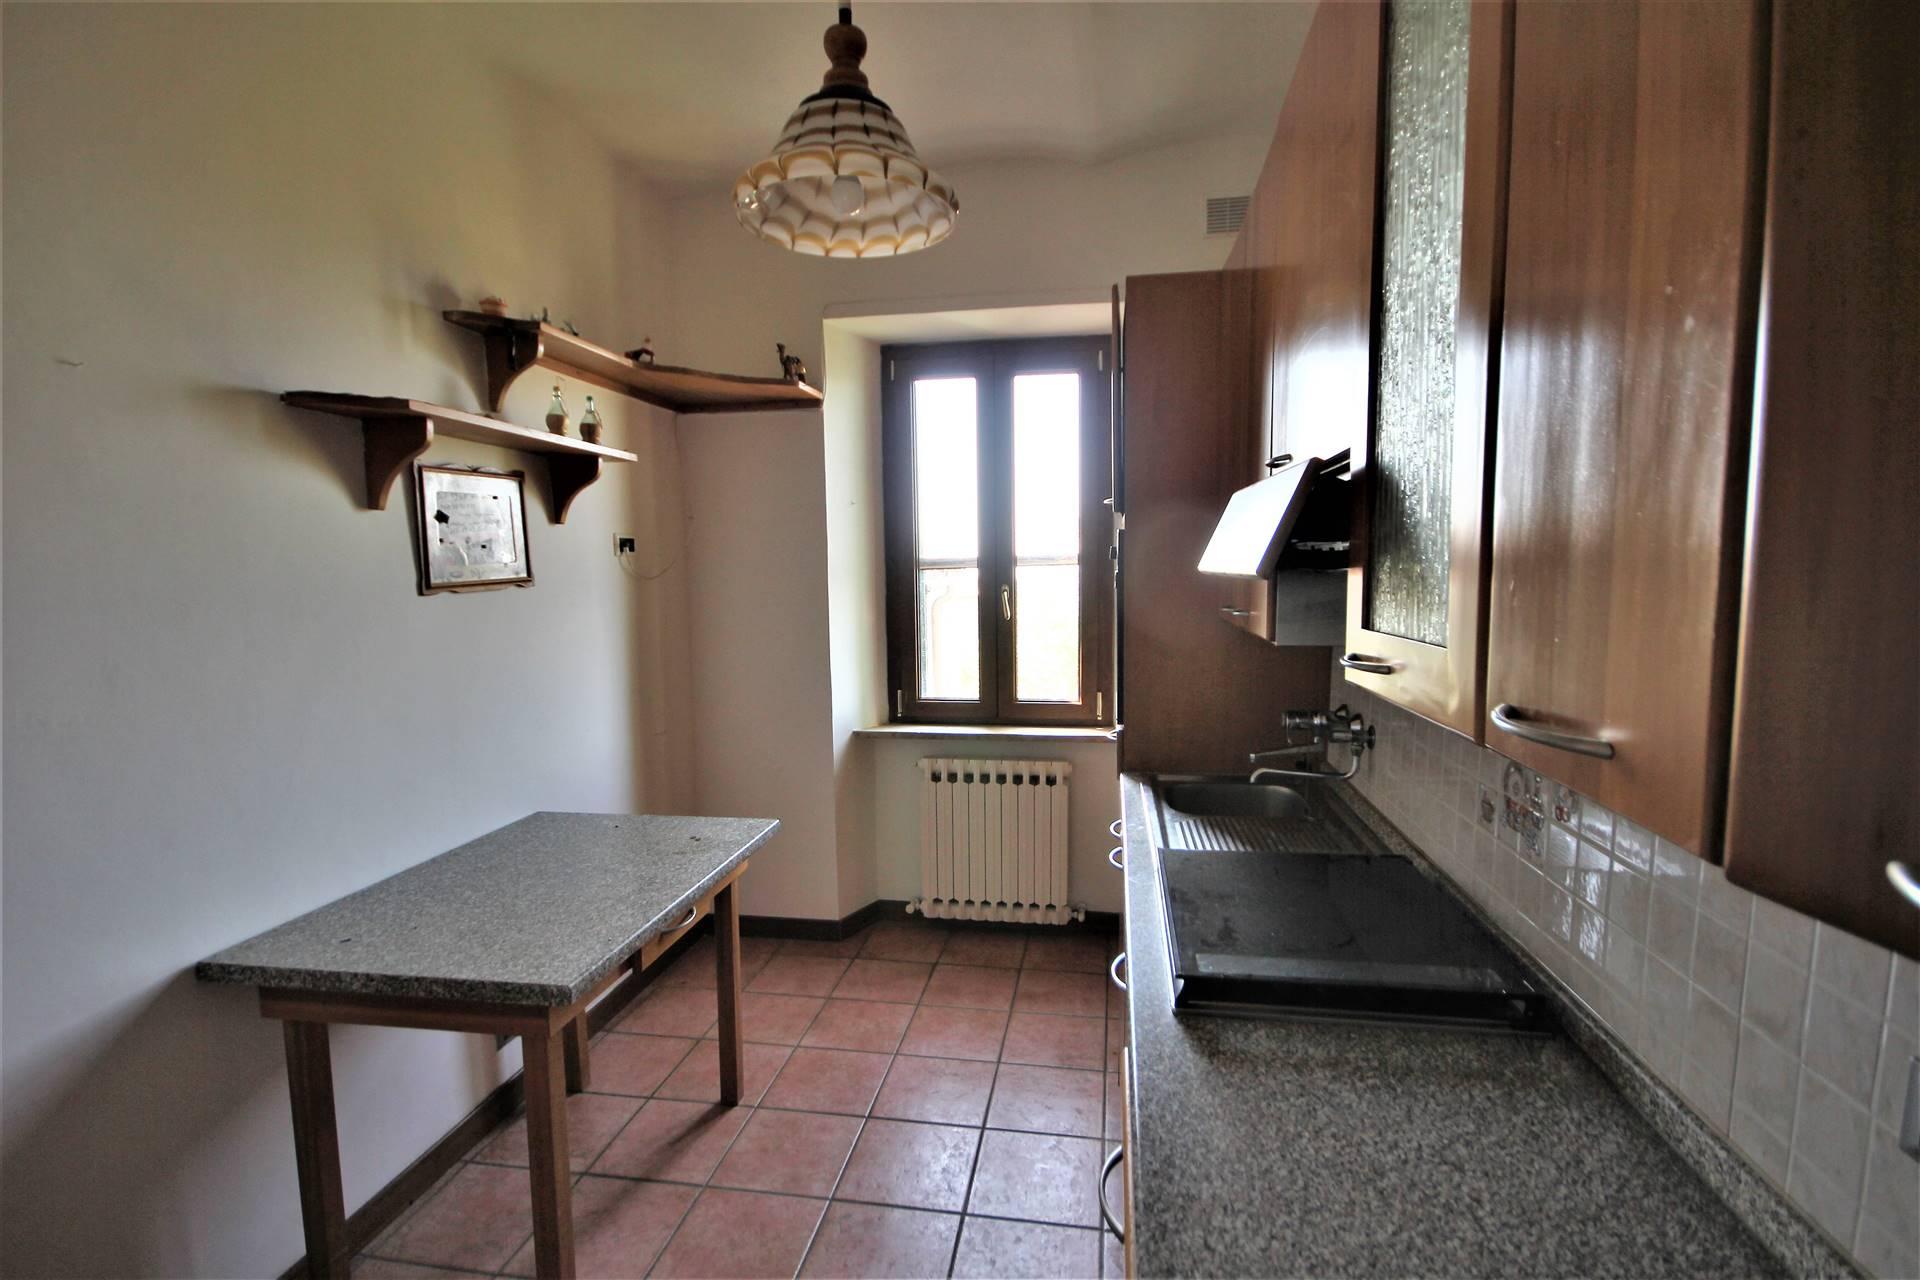 Appartamento in vendita a Montegabbione, 5 locali, zona Zona: Faiolo, prezzo € 88.000 | CambioCasa.it